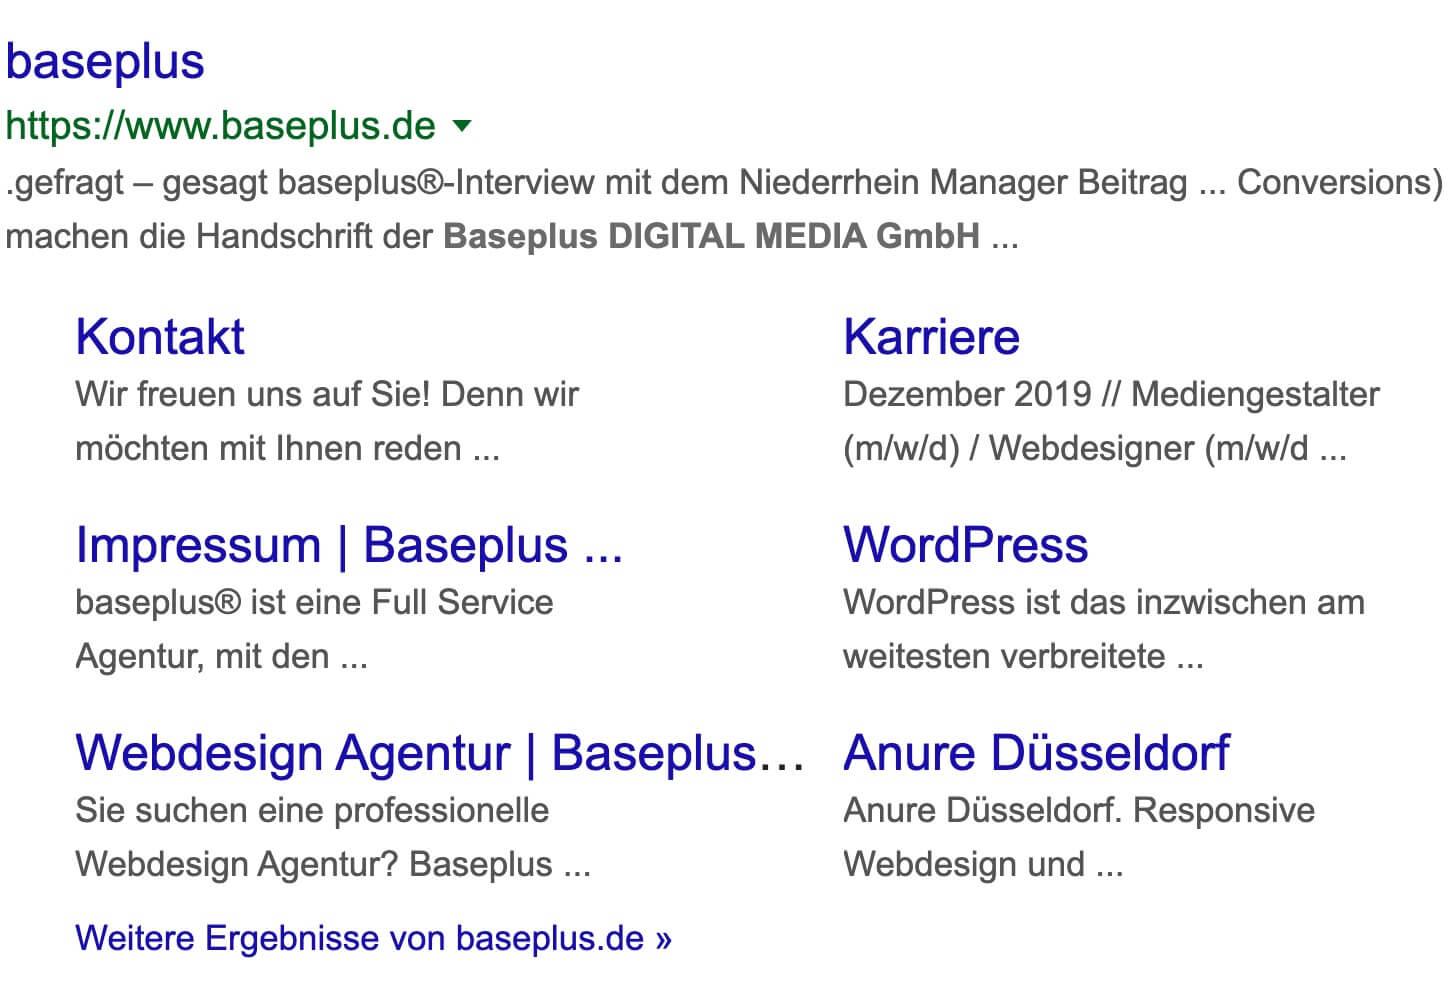 Google Suchergebnis Sitelinks schema.org